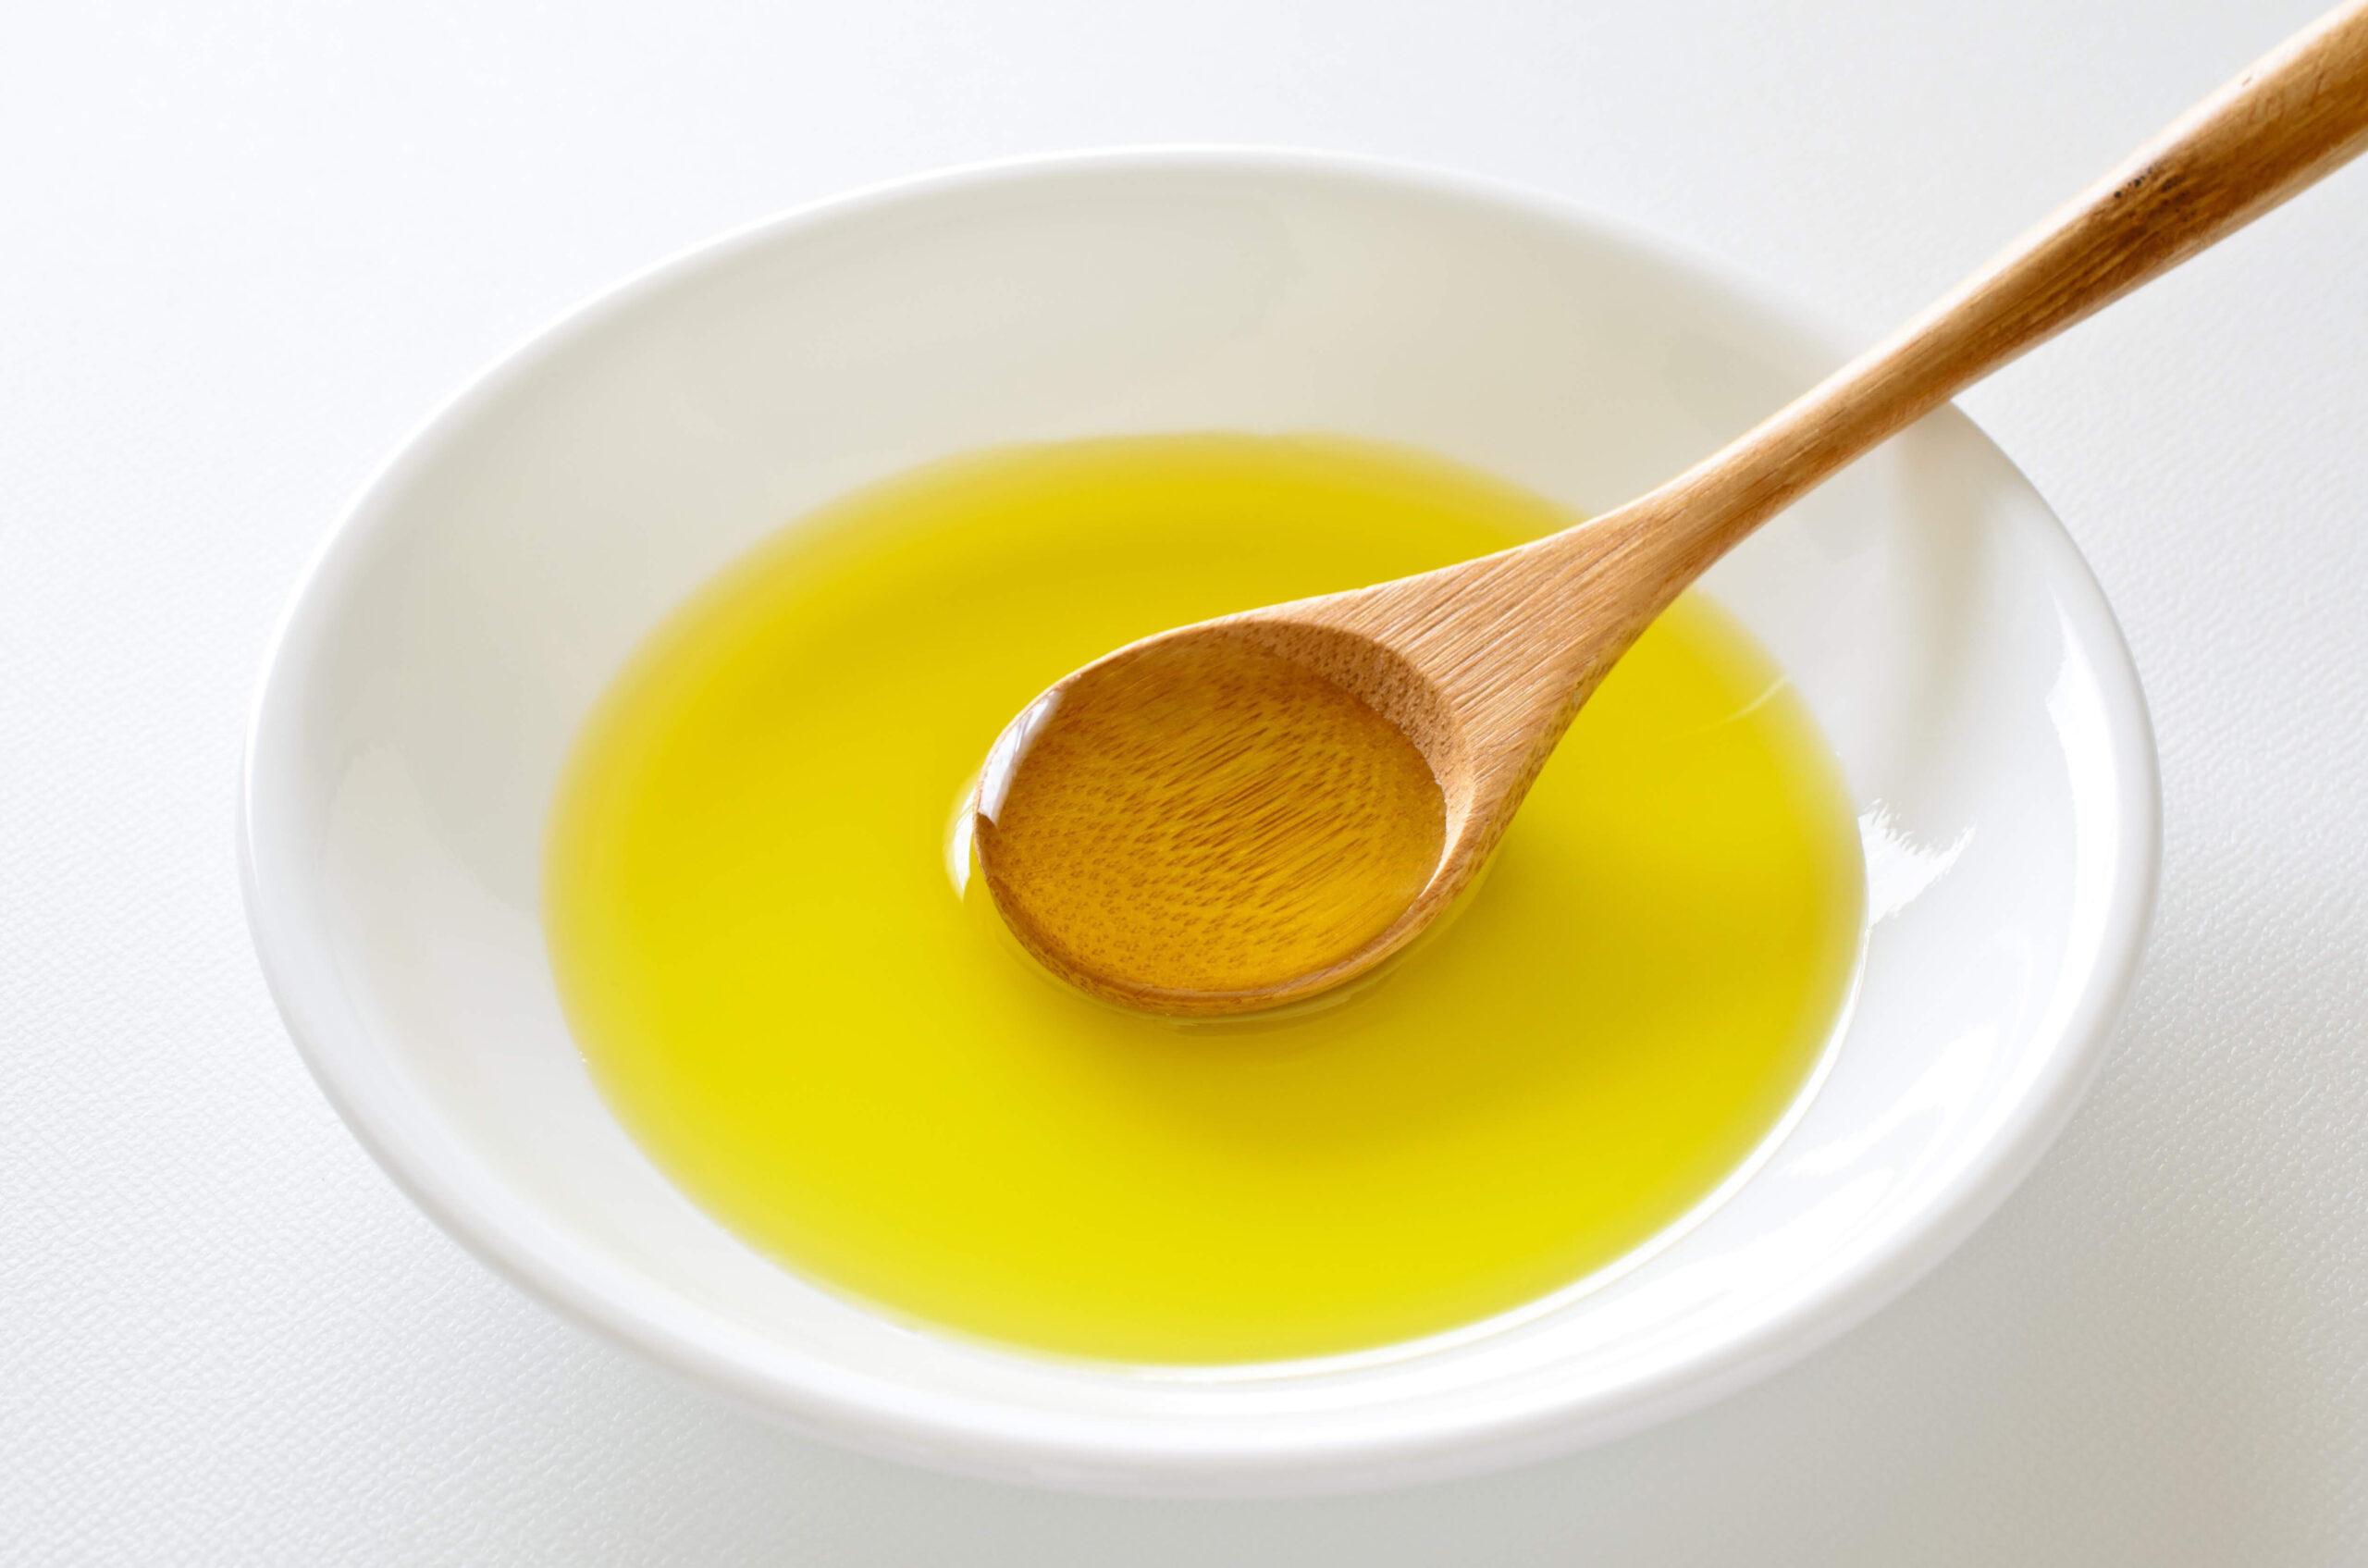 炒め物や揚げ物の油の量